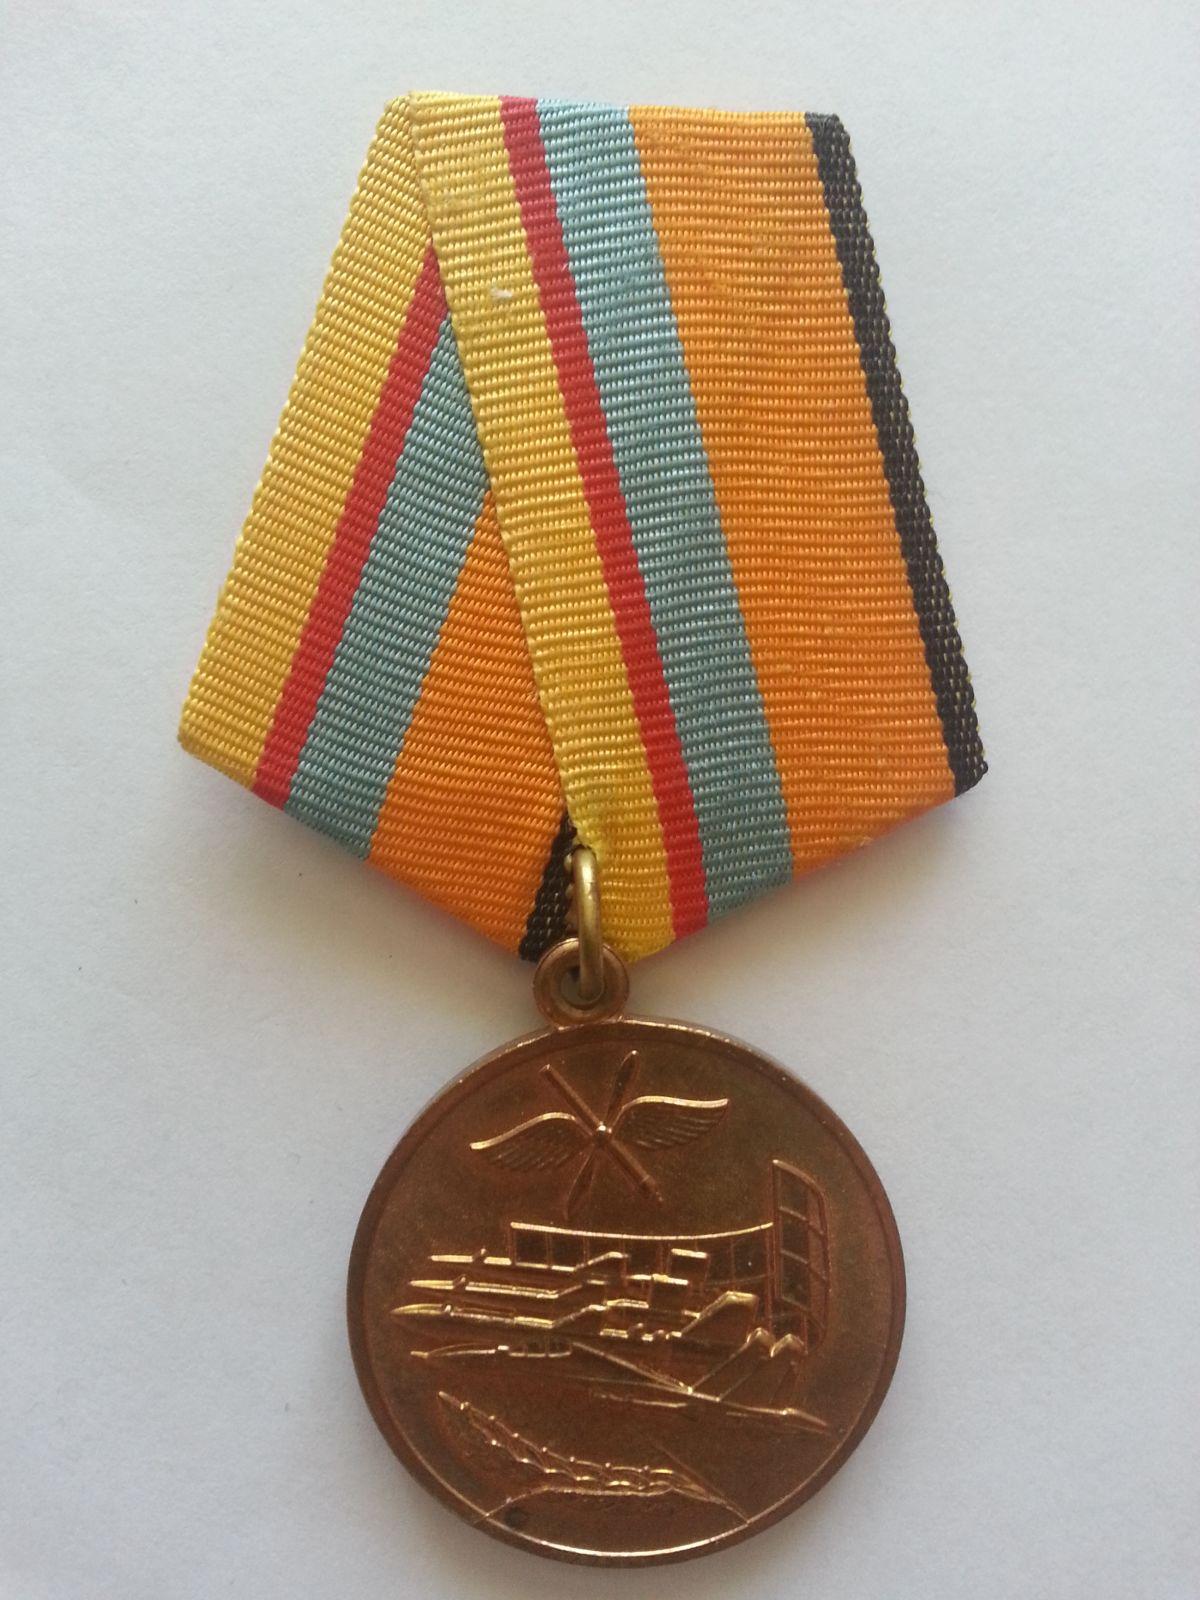 za službu u vzdušných sil, Rusko